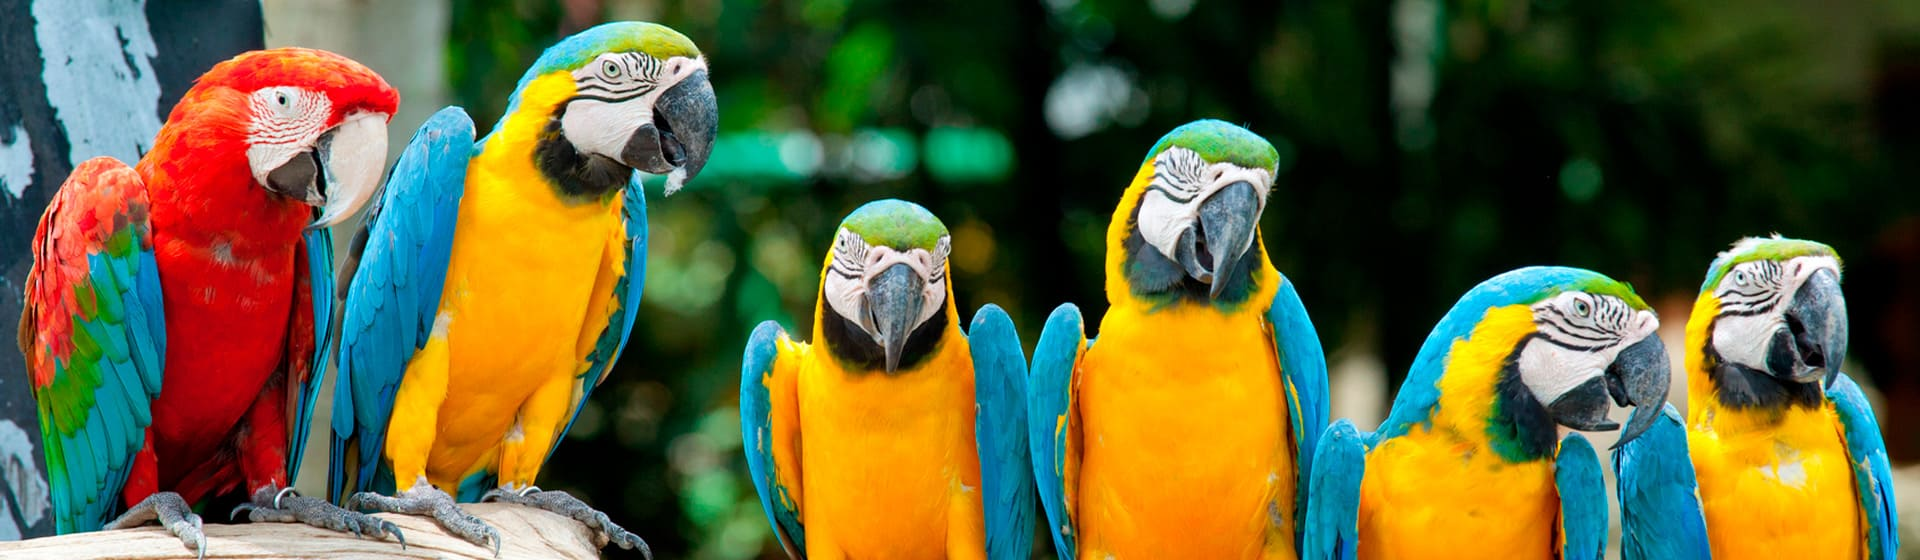 Попугаи - Мерч и одежда с атрибутикой